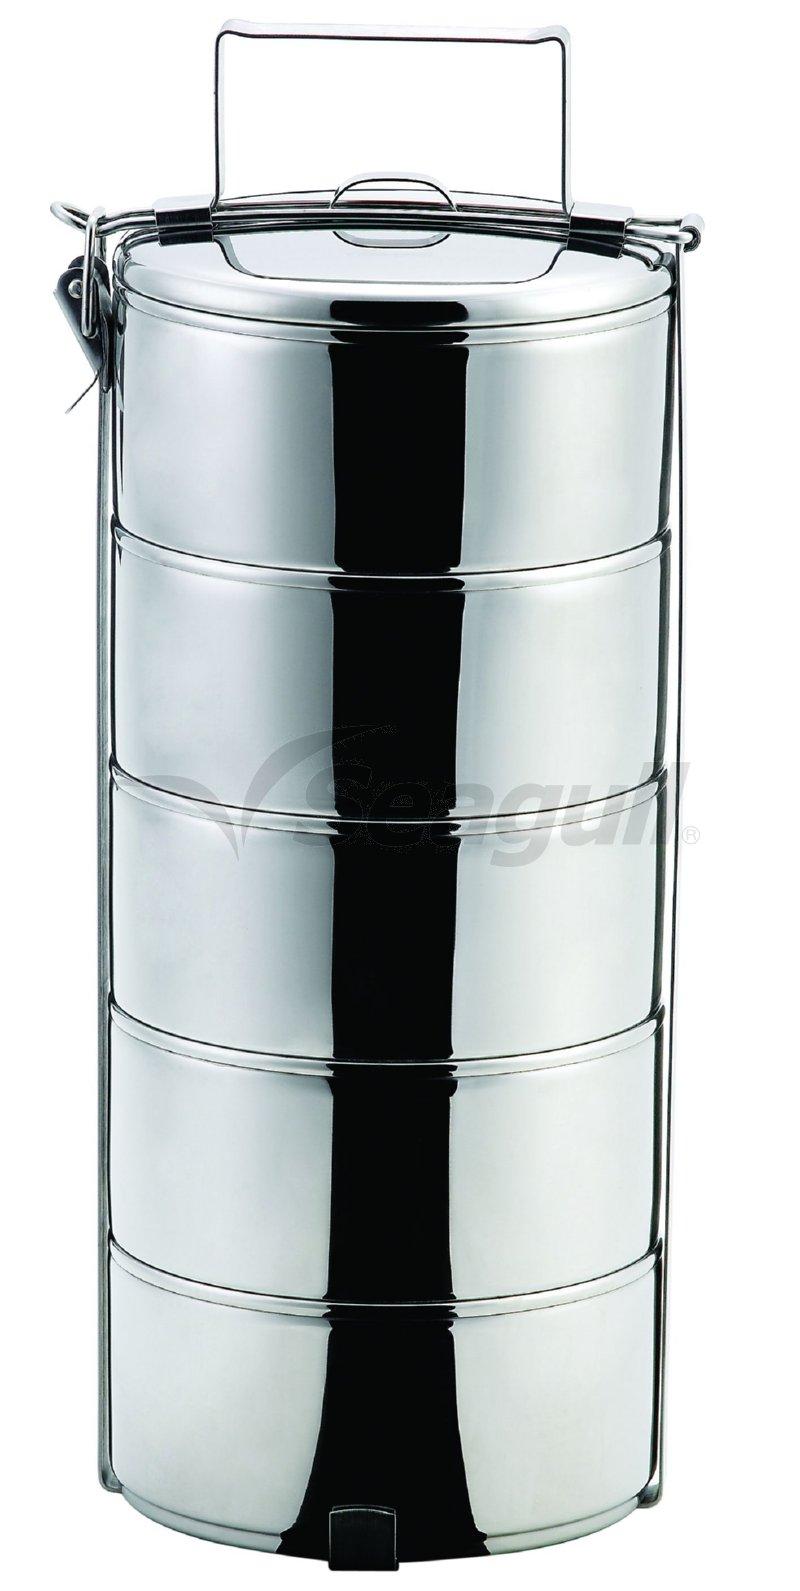 100350165 ปิ่นโตสเตนเลส 16 ซม. 5 ชั้น ตราซีกัล นกนางนวล